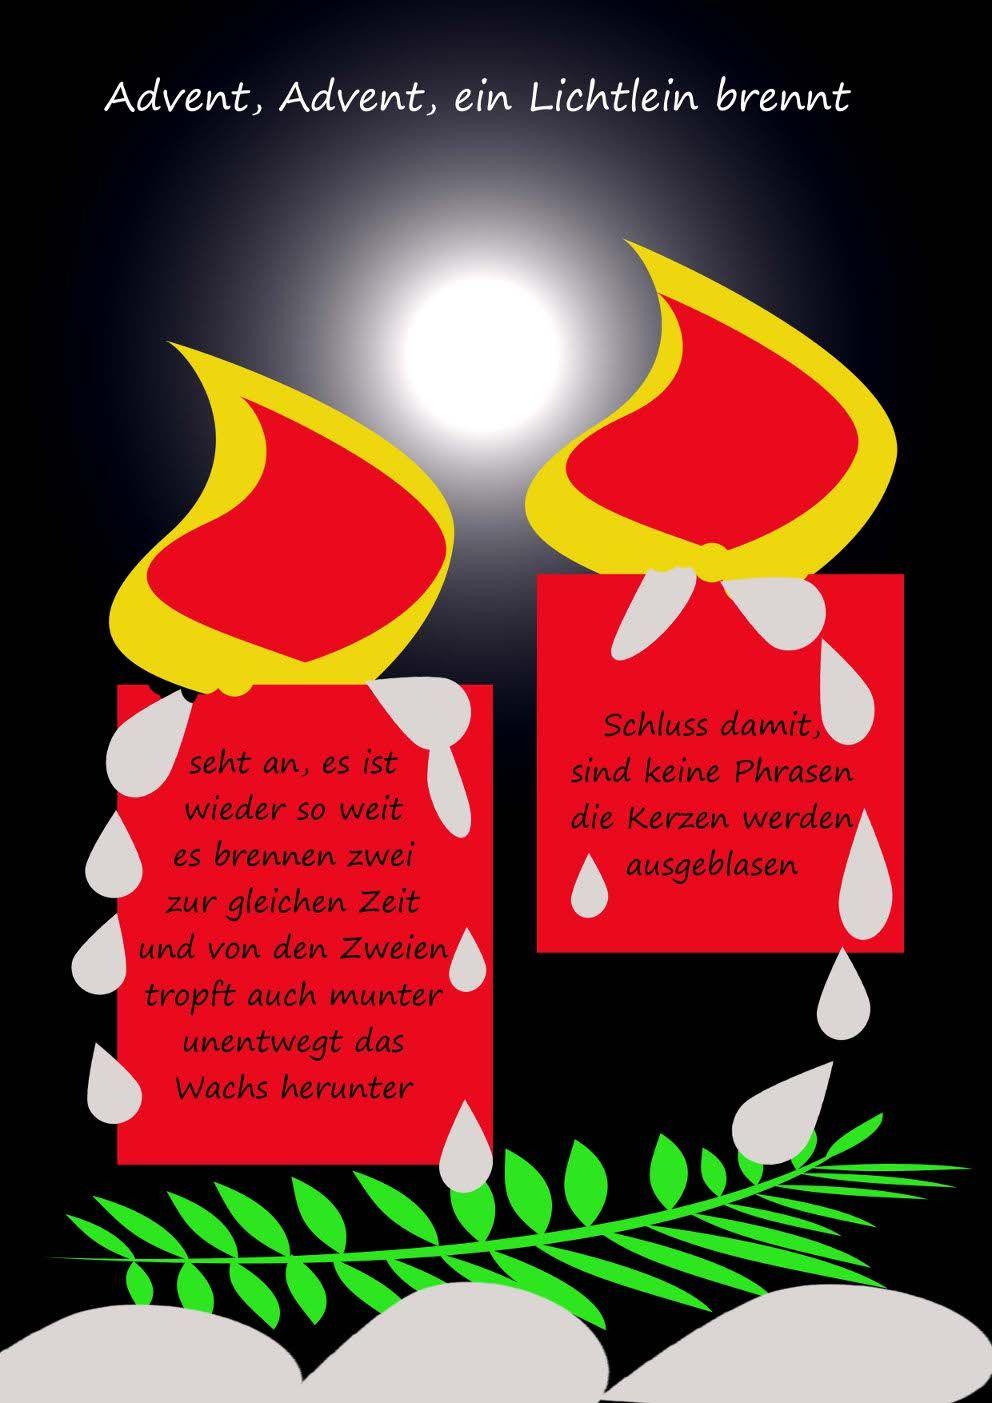 Pin by Weihnachten on Weihnachten | Pinterest | Advent